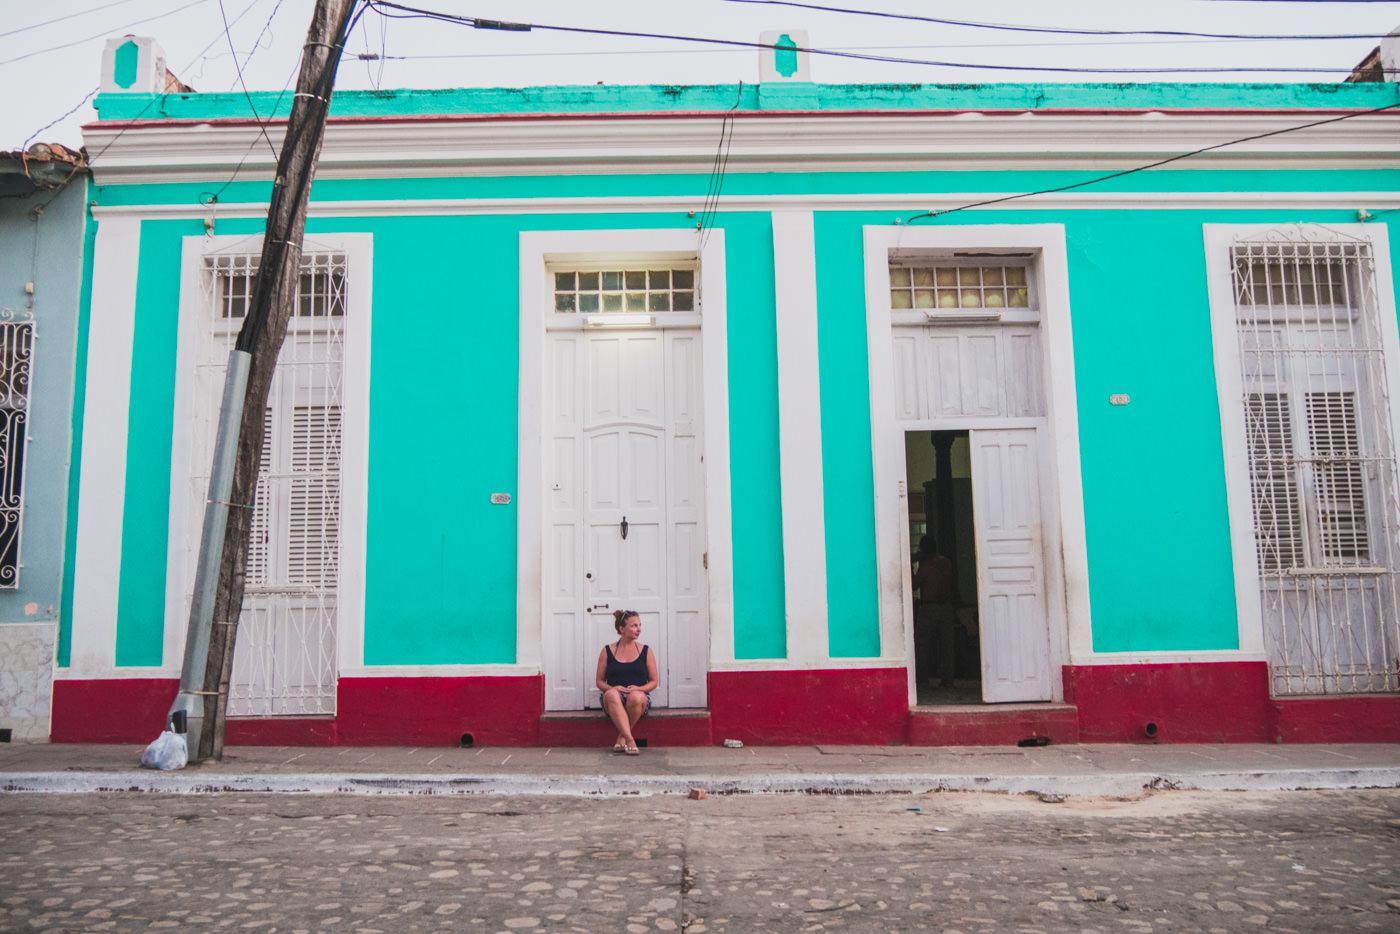 Julia vor einer bunten Hausfassade in Trinidad